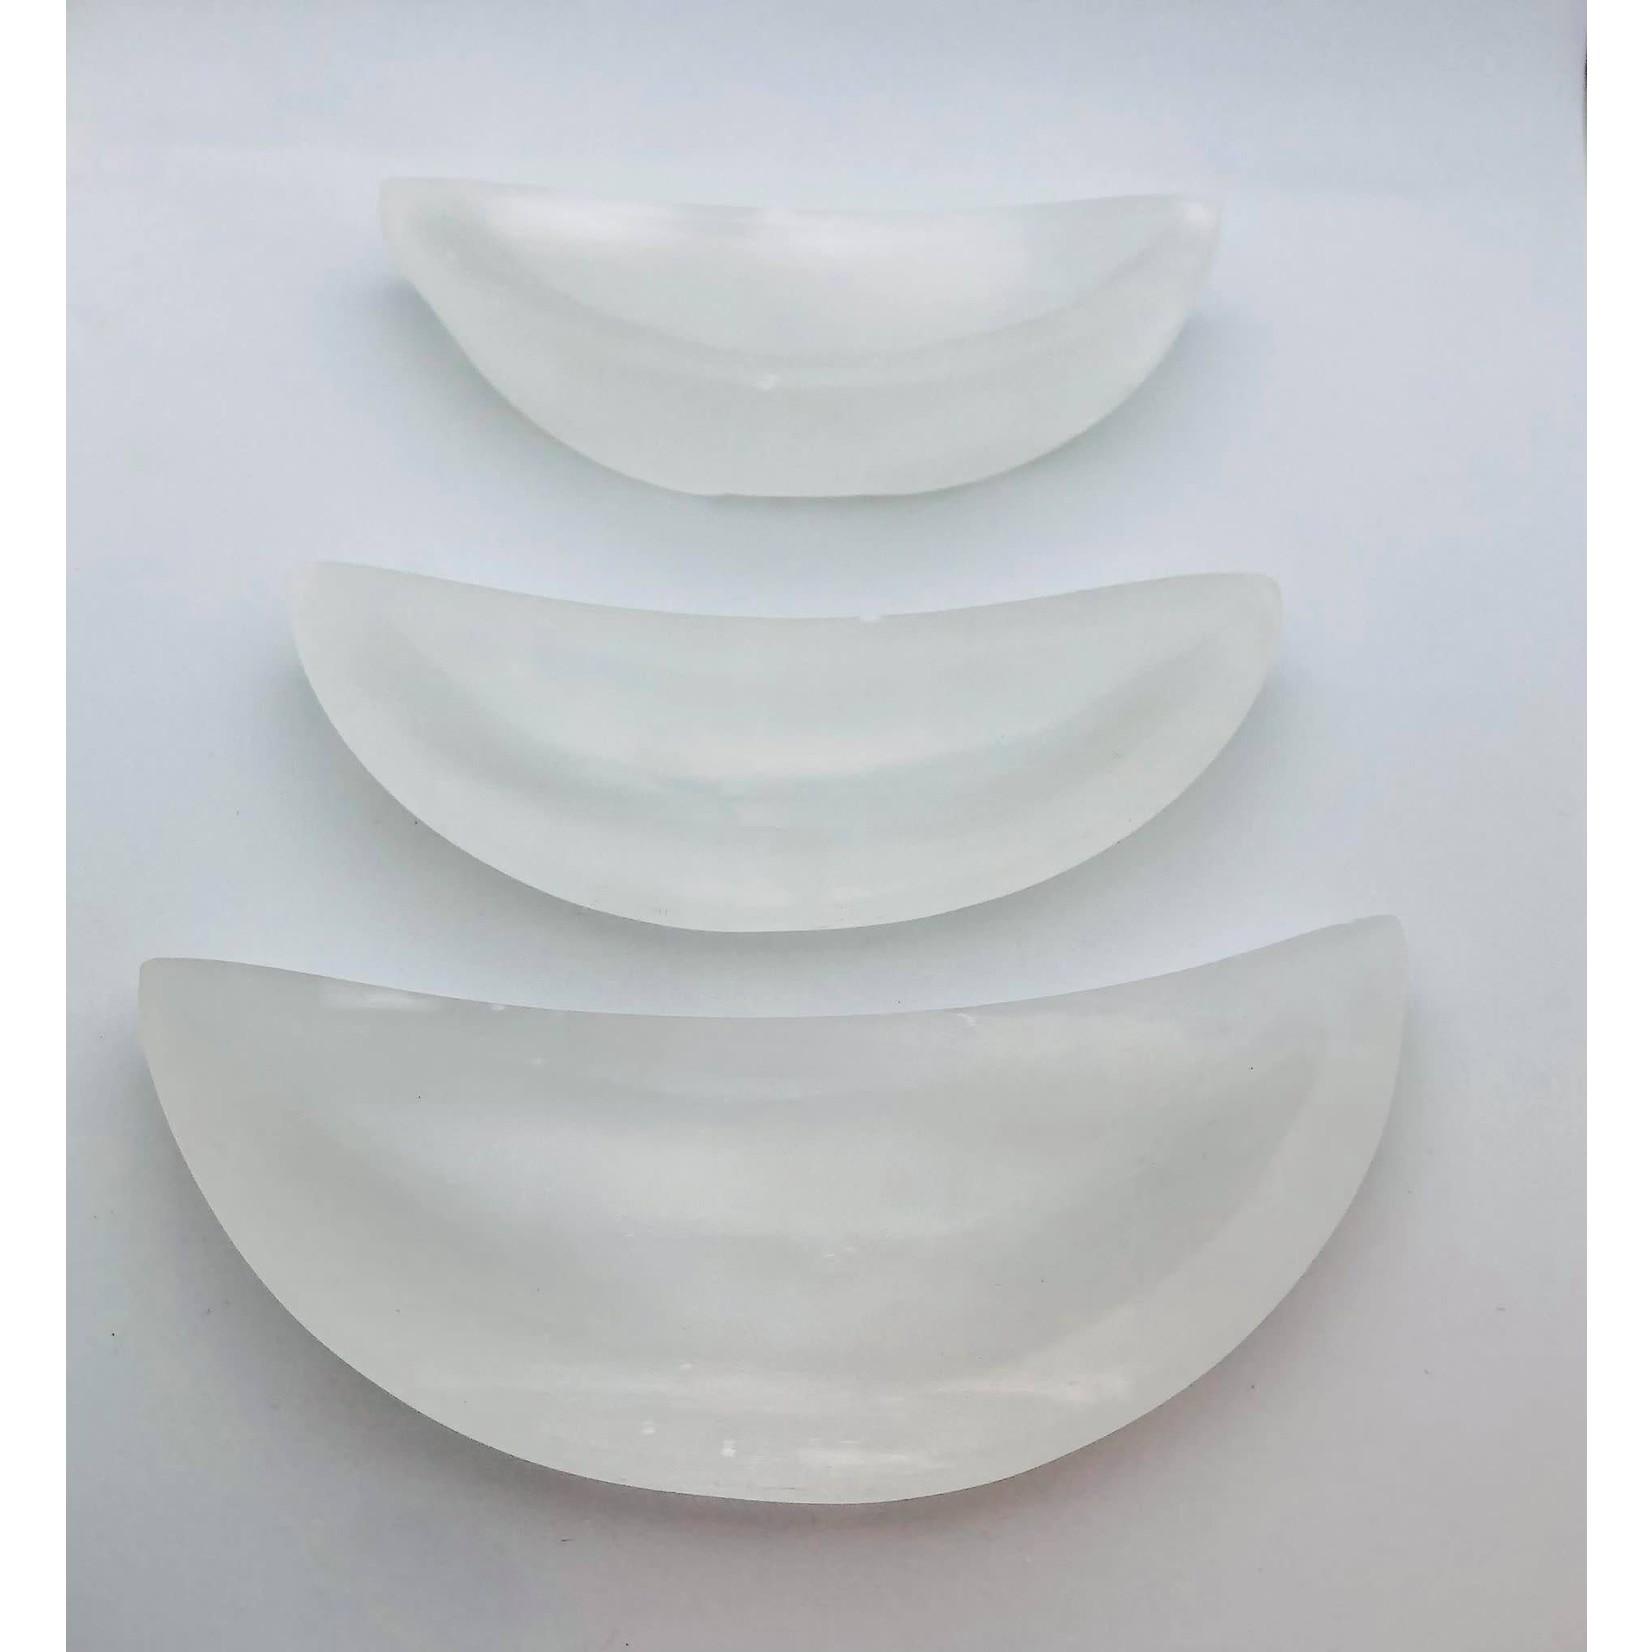 Crystal Moon Bowls